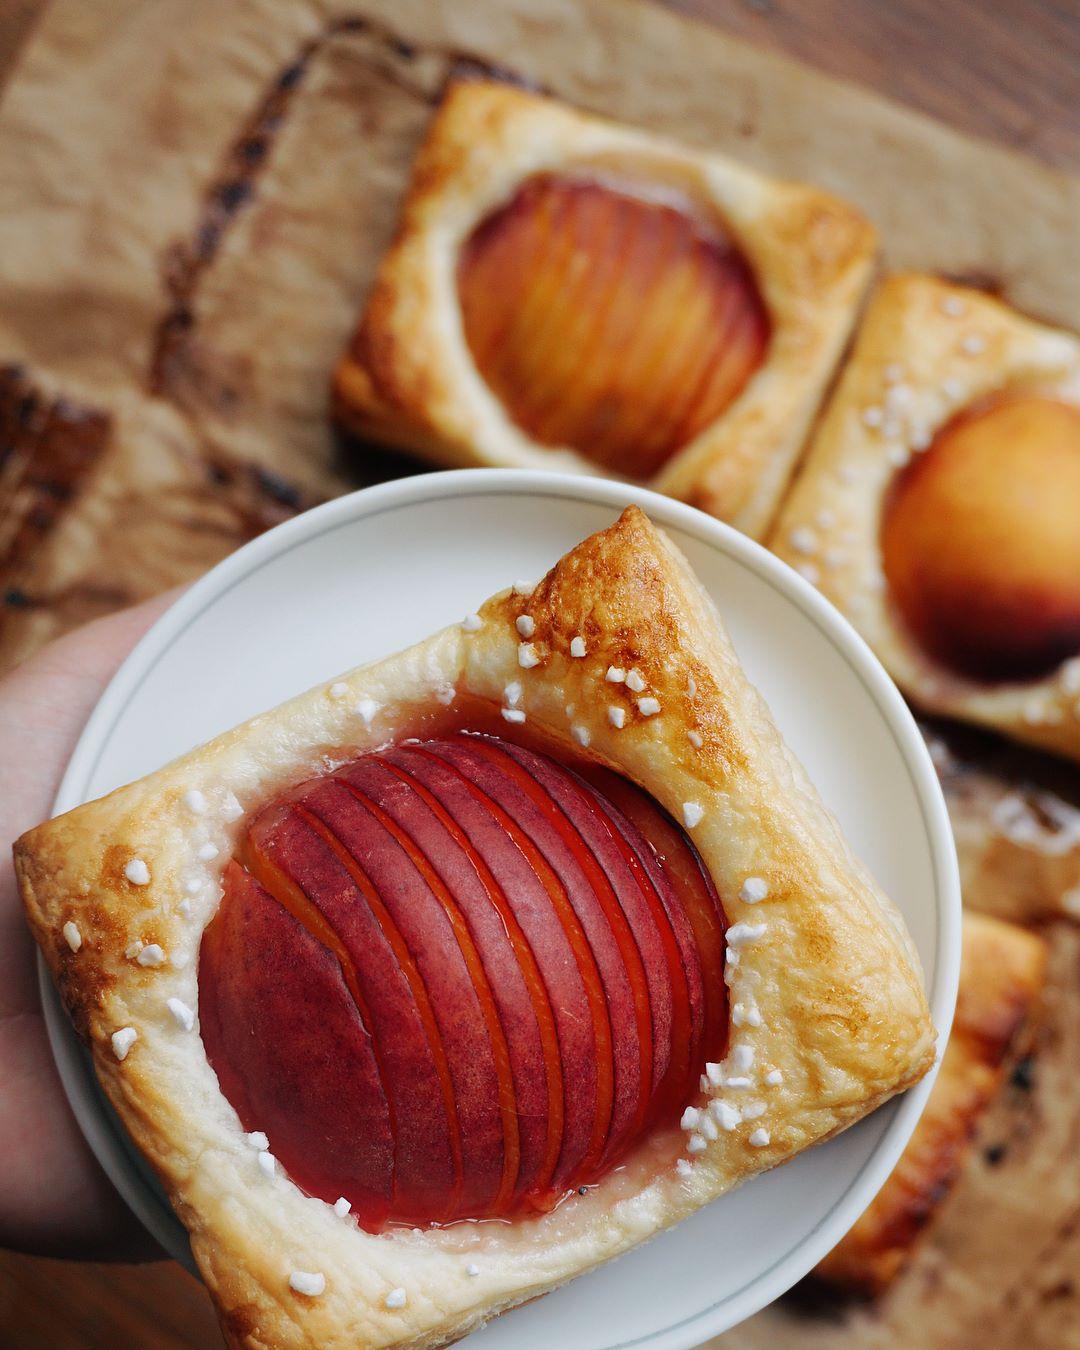 saldā persiku uzkoda uz ašo - pasaulē vienkāršākais un slinkākais deserts -līdz sīkumam labs, līdz sekundes simtdaļai ātrs.